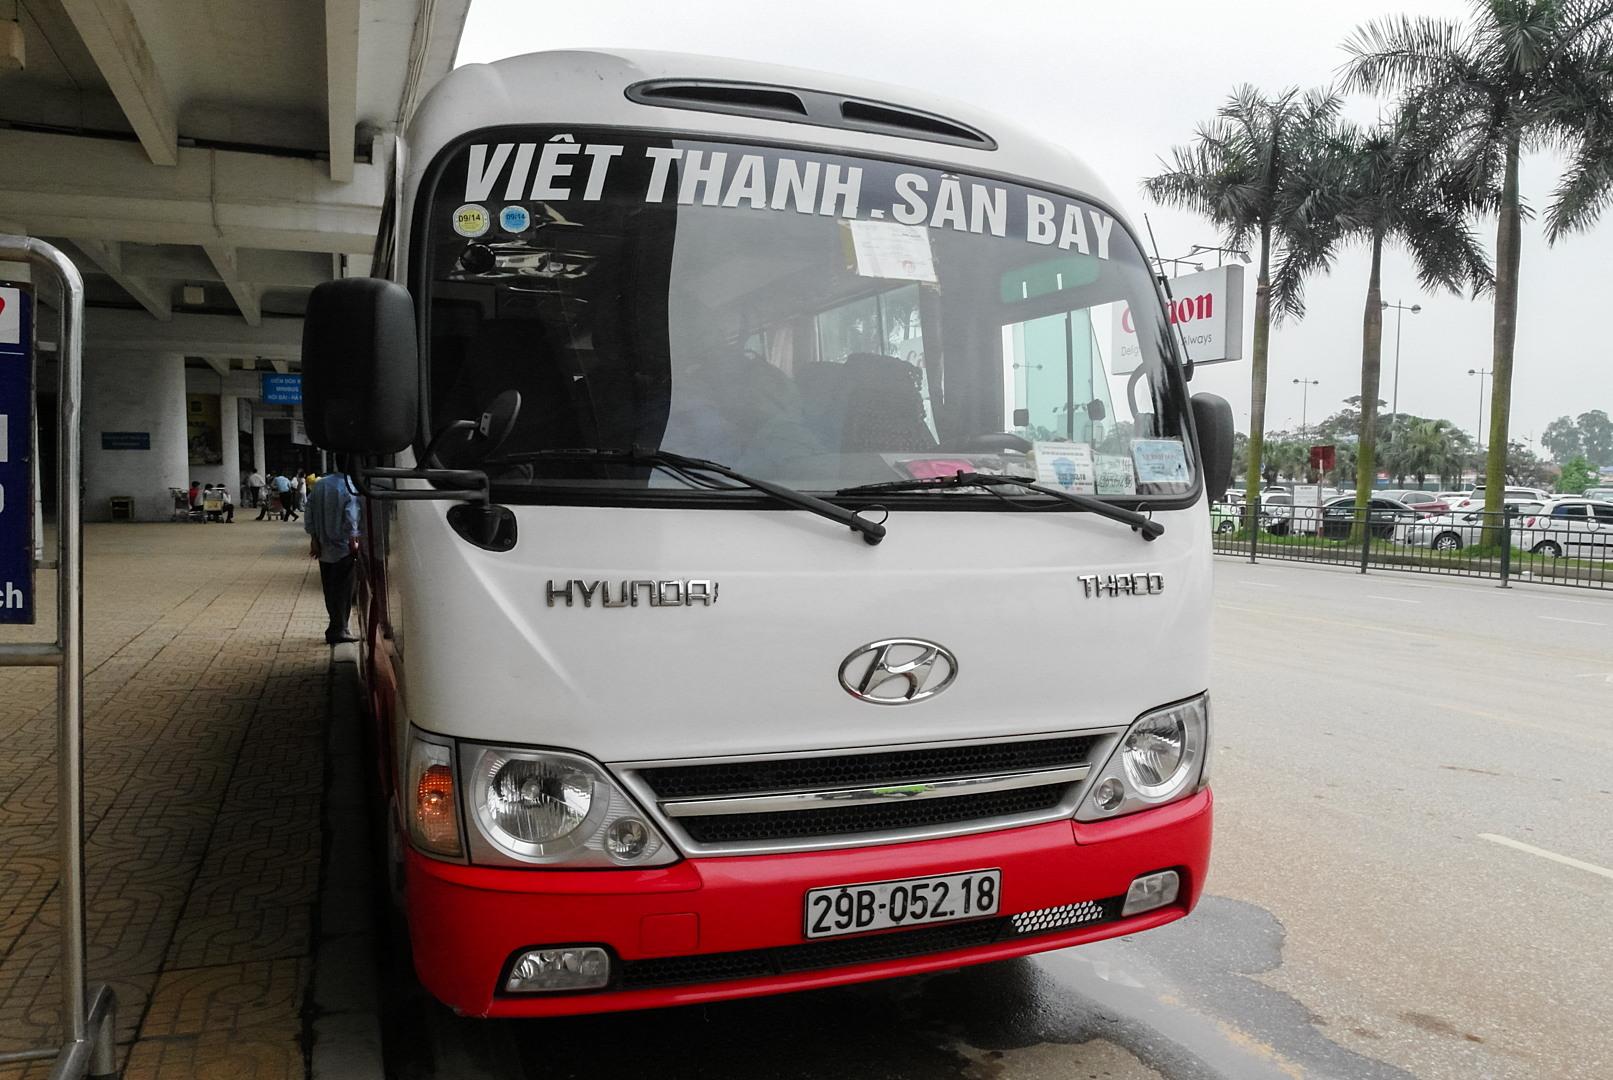 Автобус из аэропорта до центра Ханоя